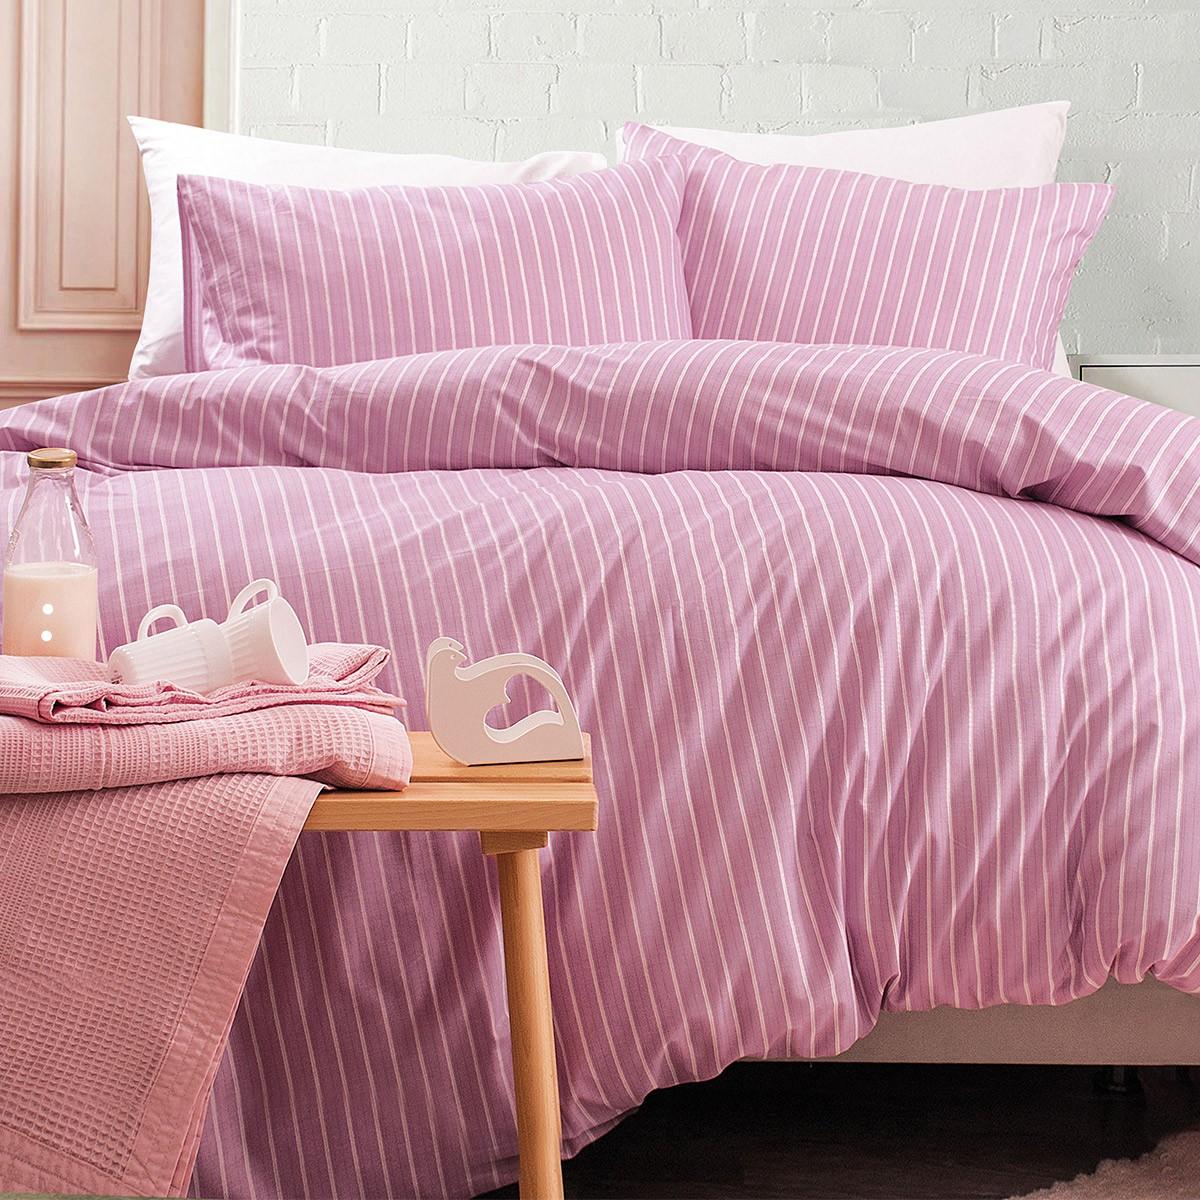 Σεντόνια Υπέρδιπλα (Σετ) Rythmos Nova Granada Pink ΧΩΡΙΣ ΛΑΣΤΙΧΟ ΧΩΡΙΣ ΛΑΣΤΙΧΟ 86503